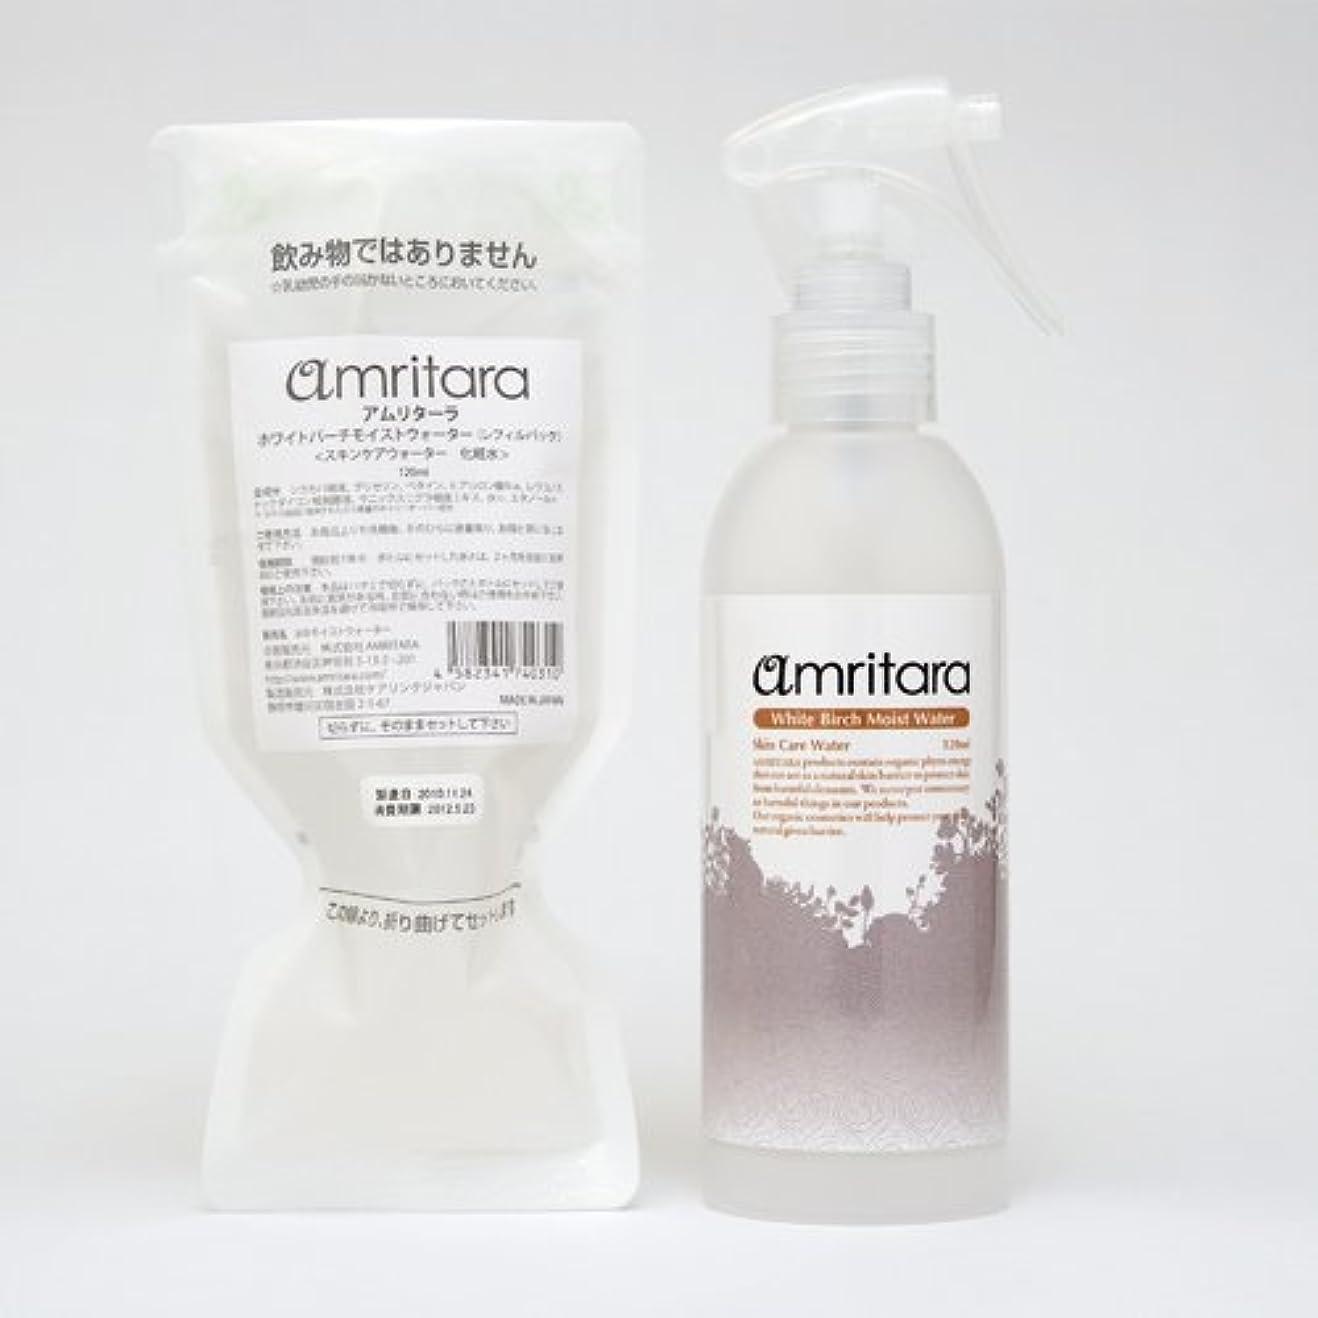 プレビスサイト苦悩おかしいamritara(アムリターラ) ホワイトバーチモイストウォーター セット 120mL (レフィルと空ボトルのセット)